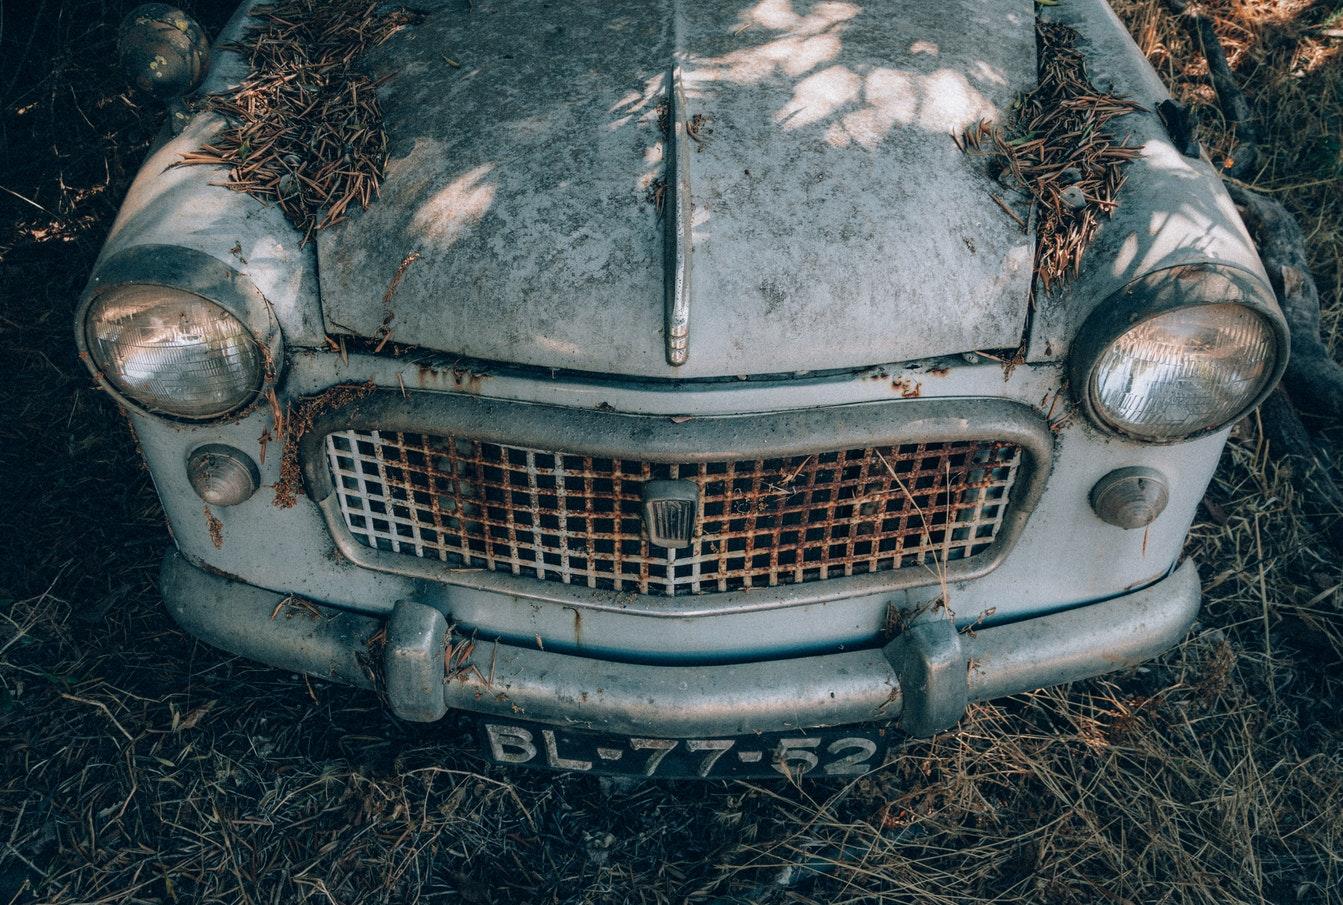 Faut-il restaurer la peinture de sa voiture avant de la revendre ?